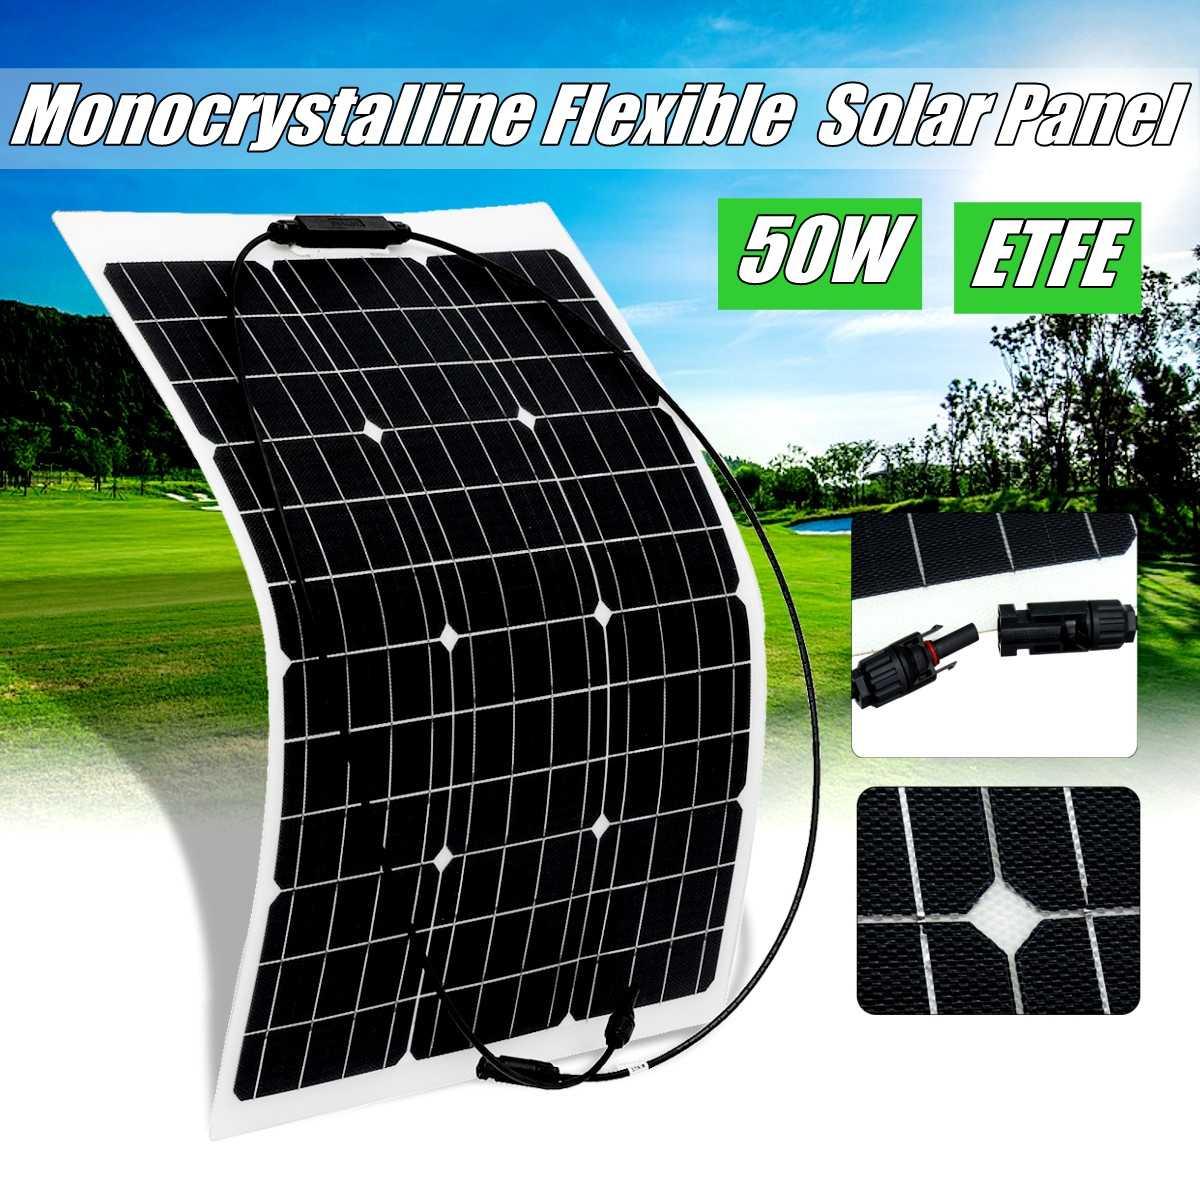 Painel solar semi-flexível 18 v 50 w carregador solar para células monocristalinas etfe da bateria de carro 12 v para hause, barco, cabo do telhado